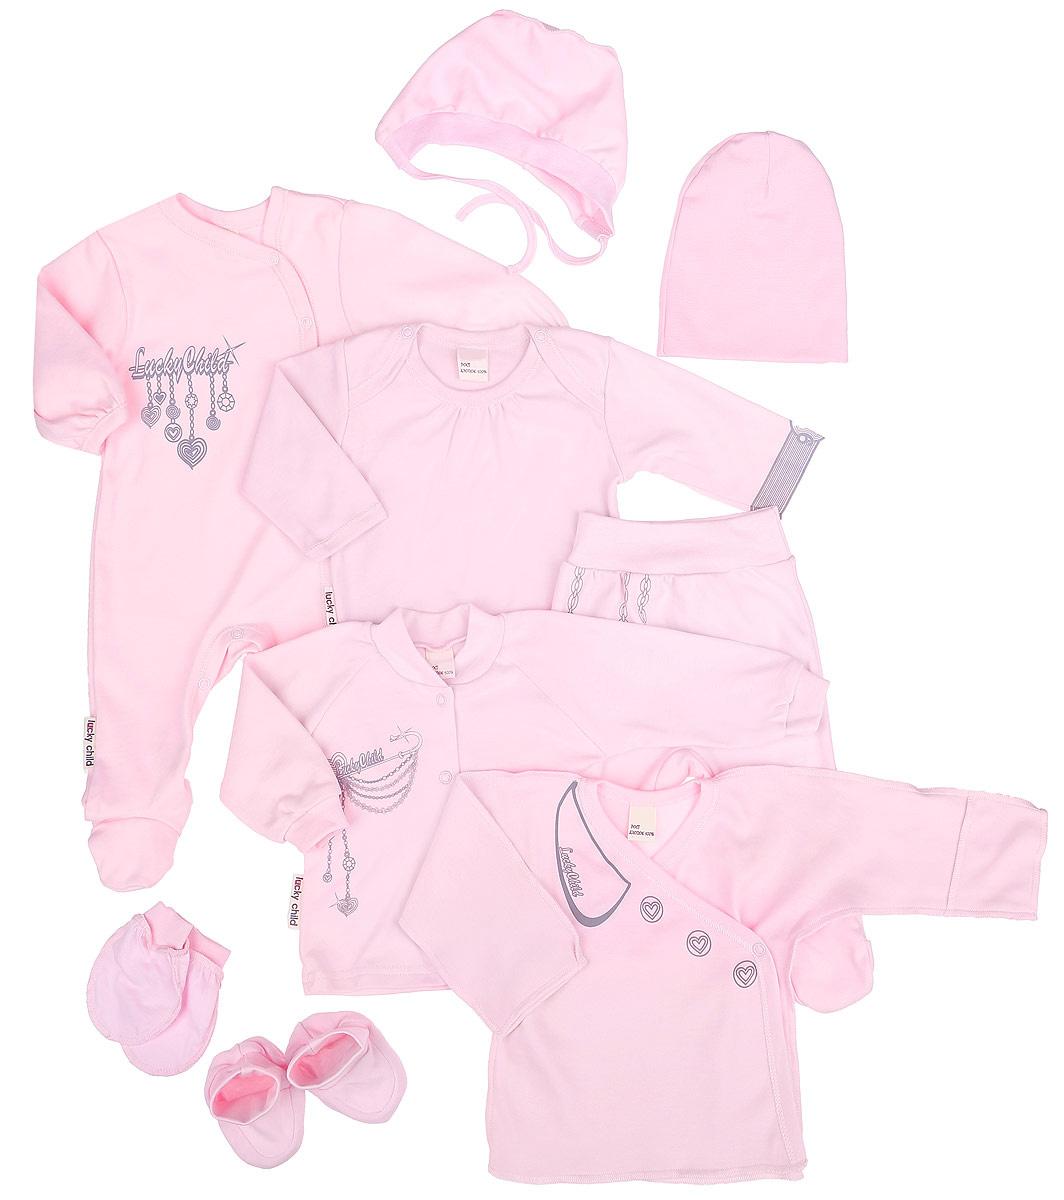 Подарочный комплект для девочки Lucky Child Леди, цвет: розовый, 9 предметов. 2-1000. Размер 62/68, 3-6 месяцев2-1000Подарочный комплект Lucky Child Леди - это замечательный подарок, который прекрасно подойдет для вашей малышки. Комплект состоит из комбинезона, боди с длинными рукавами, кофточки, ползунков, распашонки, шапочки, чепчика, рукавичек и пинеток. Комплект изготовлен из высококачественного хлопка и оформлен оригинальными принтами. Он необычайно мягкий и приятный на ощупь, не сковывает движения малыша и позволяет коже дышать, не раздражает даже самую нежную и чувствительную кожу ребенка, обеспечивая ему наибольший комфорт. Комбинезон с круглым вырезом горловины, длинными рукавами и закрытыми ножками имеет застежки-кнопки спереди до щиколотки и на ластовице, которые помогают легко переодеть младенца или сменить подгузник. В комбинезоне спинка и ножки младенца всегда будут в тепле. Удобное боди с длинными рукавами и круглым вырезом горловины имеет удобные застежки-кнопки на плечах и ластовице. Горловина дополнена декоративными складками. Левый рукав изделия оформлен изображением наручных часов. Кофточка с V-образным вырезом горловины и длинными рукавами имеет застежки-кнопки по всей длине, которые помогают с легкостью переодеть ребенка. Воротник и манжеты рукавов выполнены из эластичного трикотажа. Ползунки, благодаря мягкому и широкому поясу, не сдавливают животик младенца и не сползают. Они идеально подходят для ношения с подгузником и без него. Распашонка-кимоно для новорожденного выполнена швами наружу. Благодаря системе застежек-кнопок по принципу кимоно модель можно полностью расстегнуть. А благодаря рукавичкам ребенок не поцарапает себя. Мягкая двойная трикотажная шапочка и хлопковый чепчик, необходимы любому младенцу, они защищают еще не заросший родничок, щадят чувствительный слух ребенка, прикрывая ушки, и предохраняют от теплопотерь. Очень удобные пинетки дополнены широкой резинкой, не сдавливающей ножки младенца. С ними ножки вашей крохи всегда бу